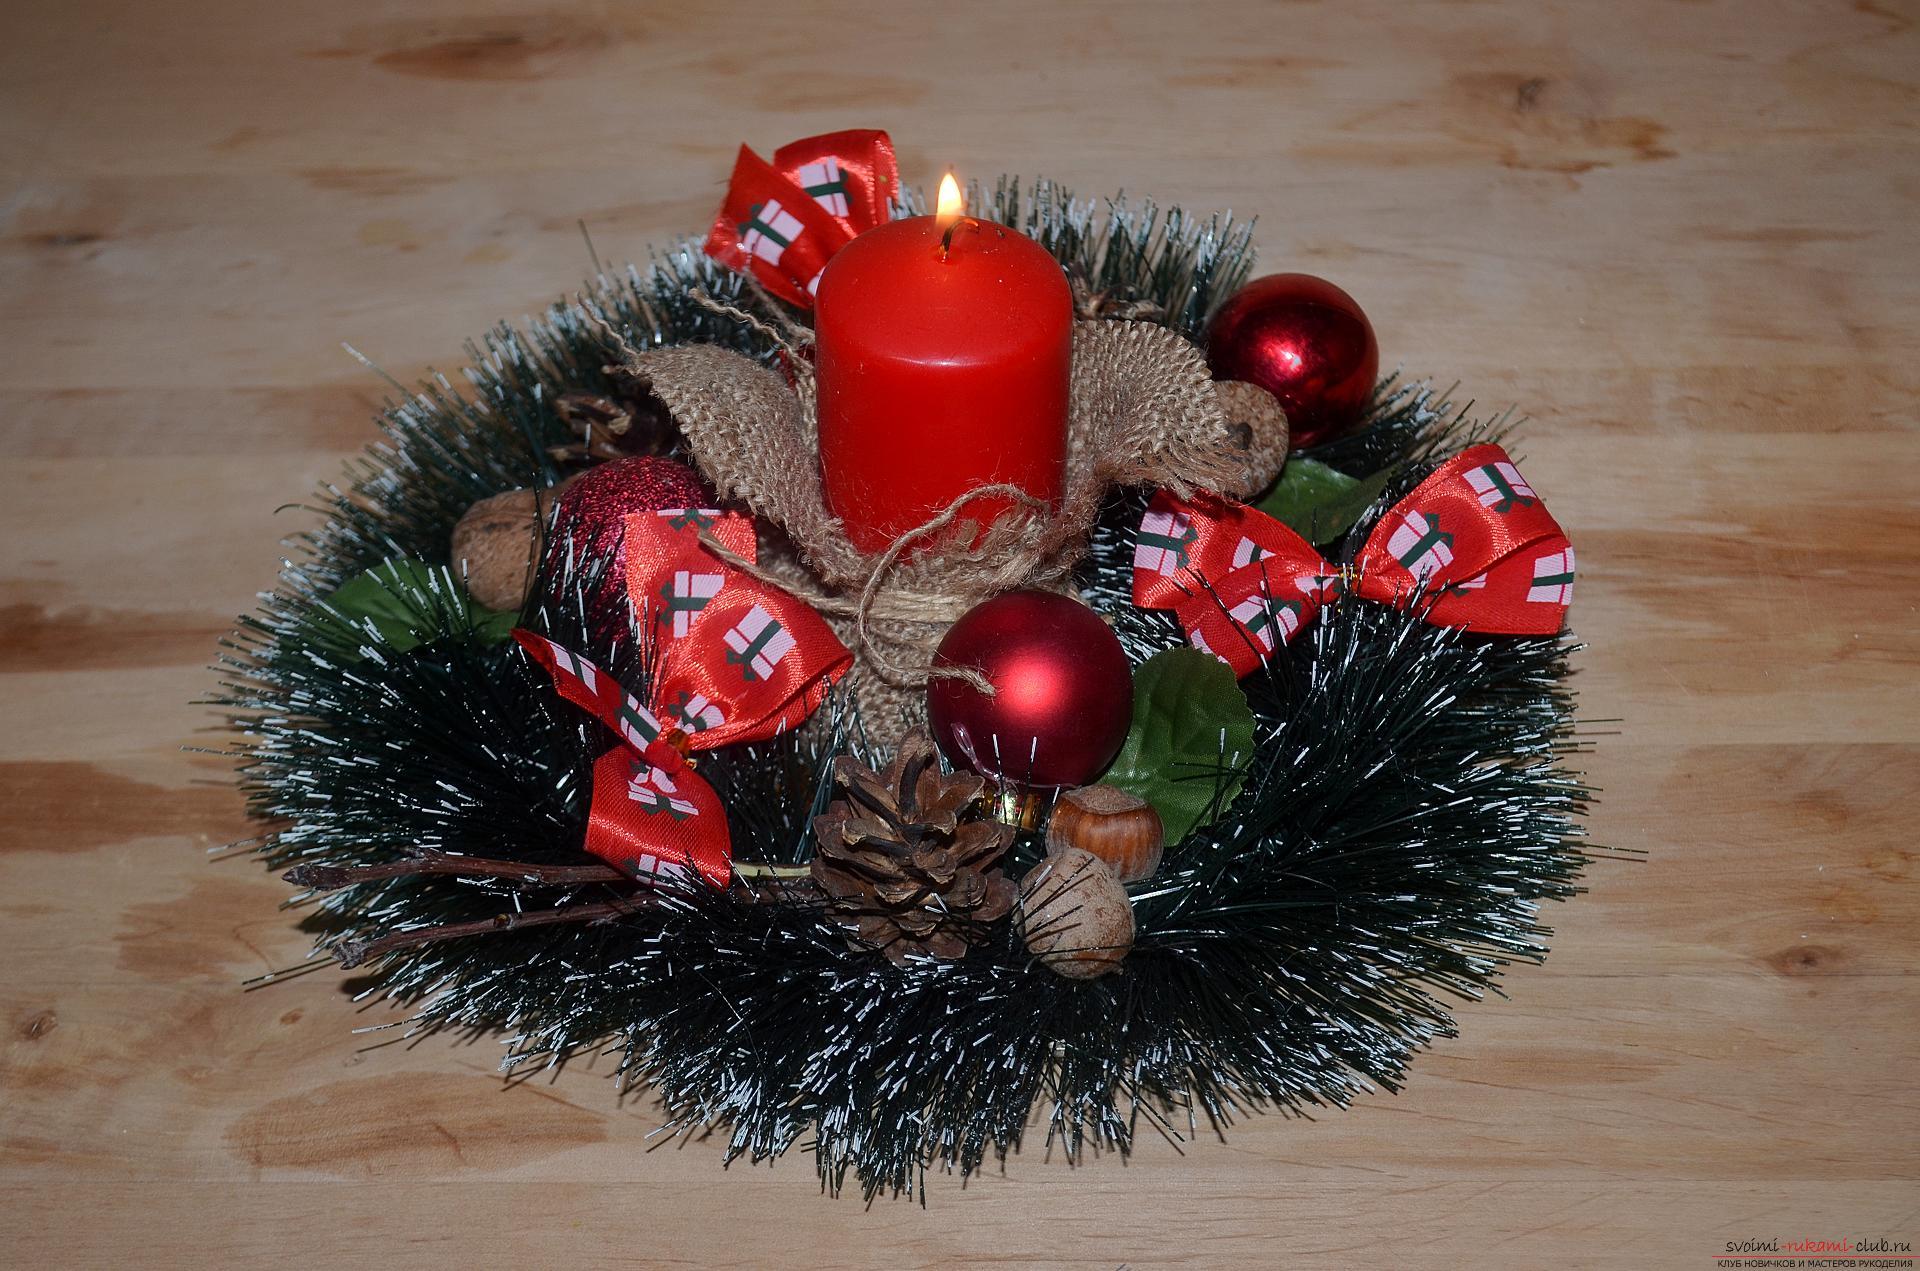 Сделать новогоднюю композицию со свечой своими руками